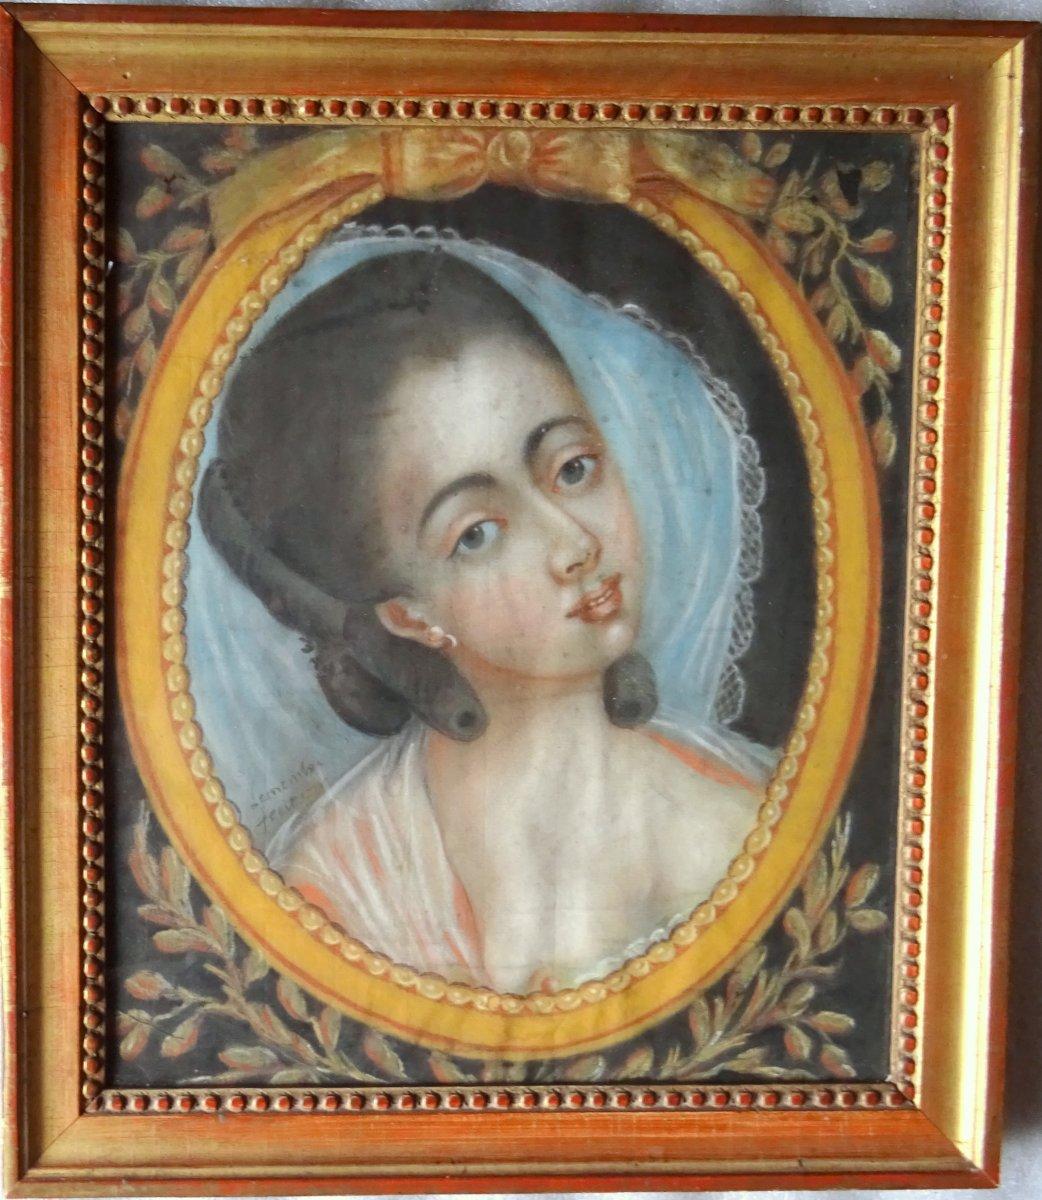 Portrait De Jeune Femme Epoque Louis XVI Ecole Française XVIIIième Siècle Pastel